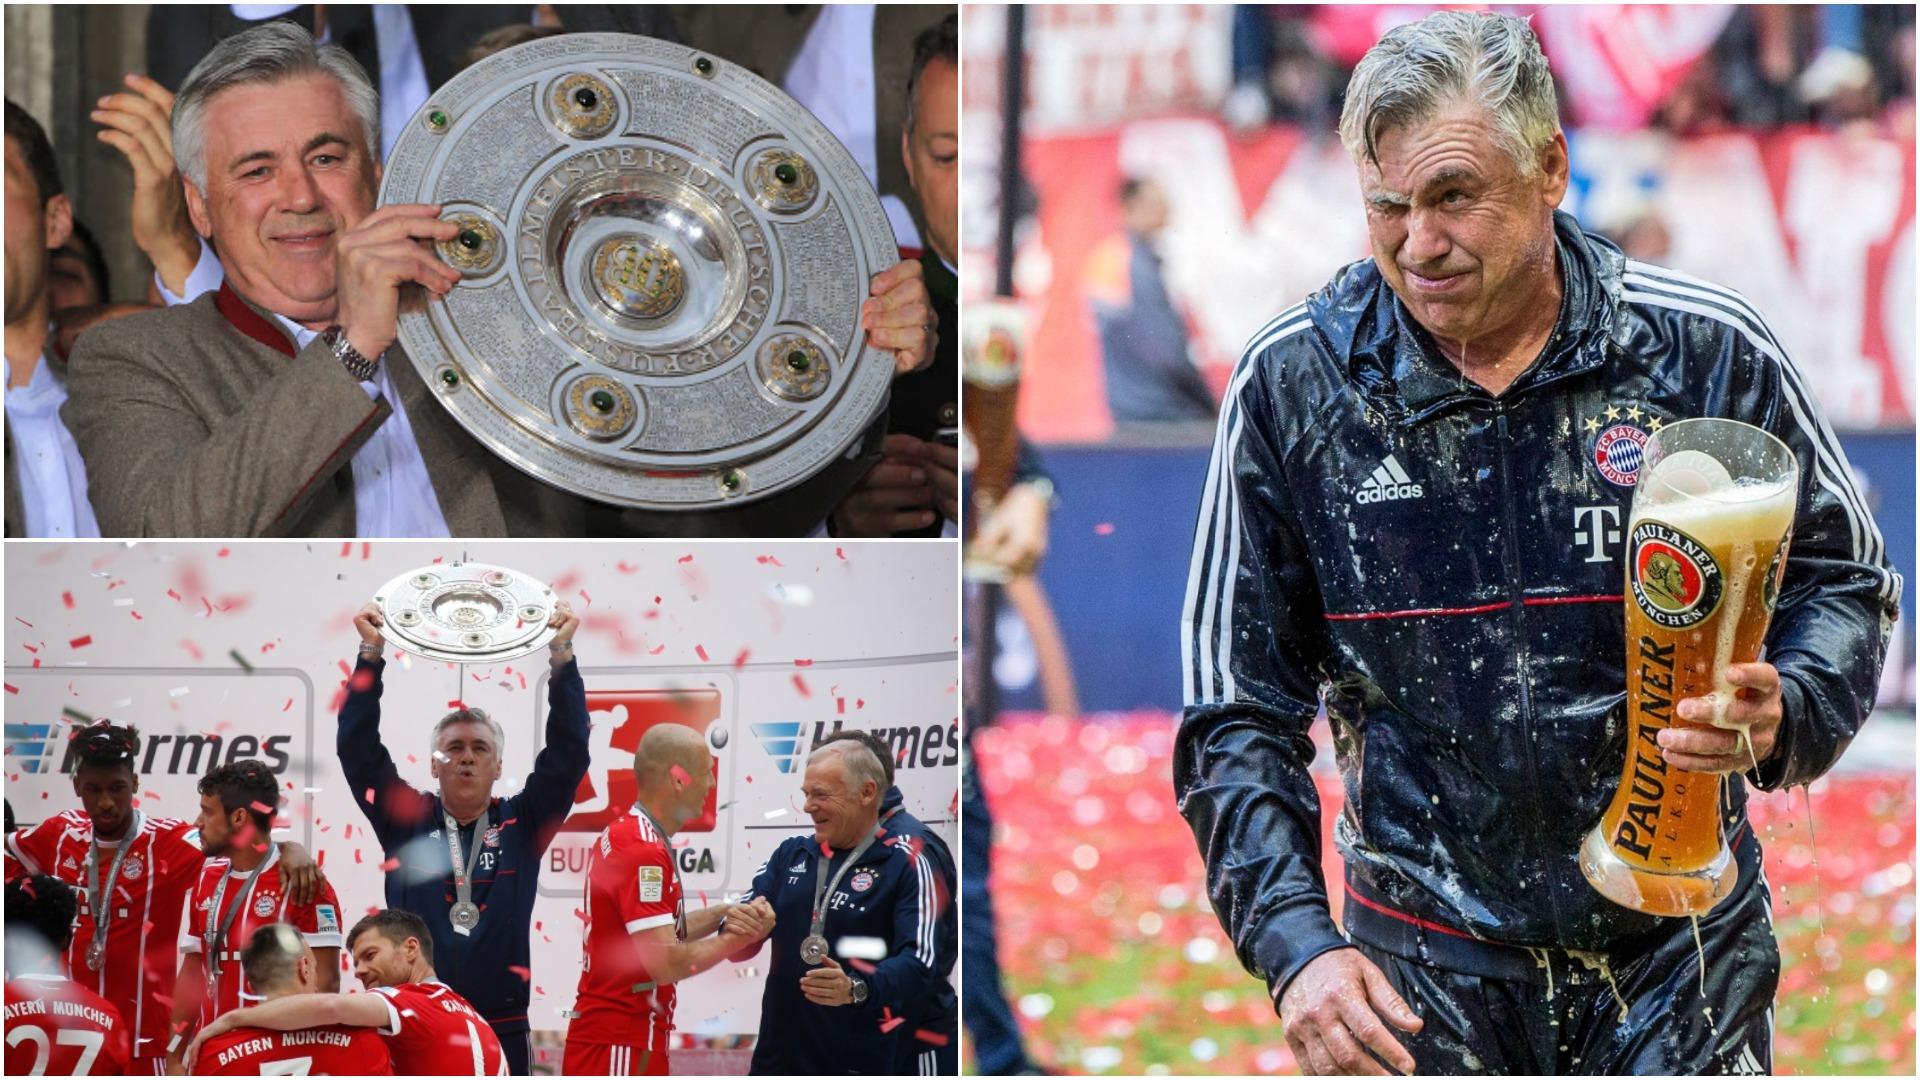 Tre vite më parë, kur Ancelotti u bë trajneri i vetëm me këtë rekord